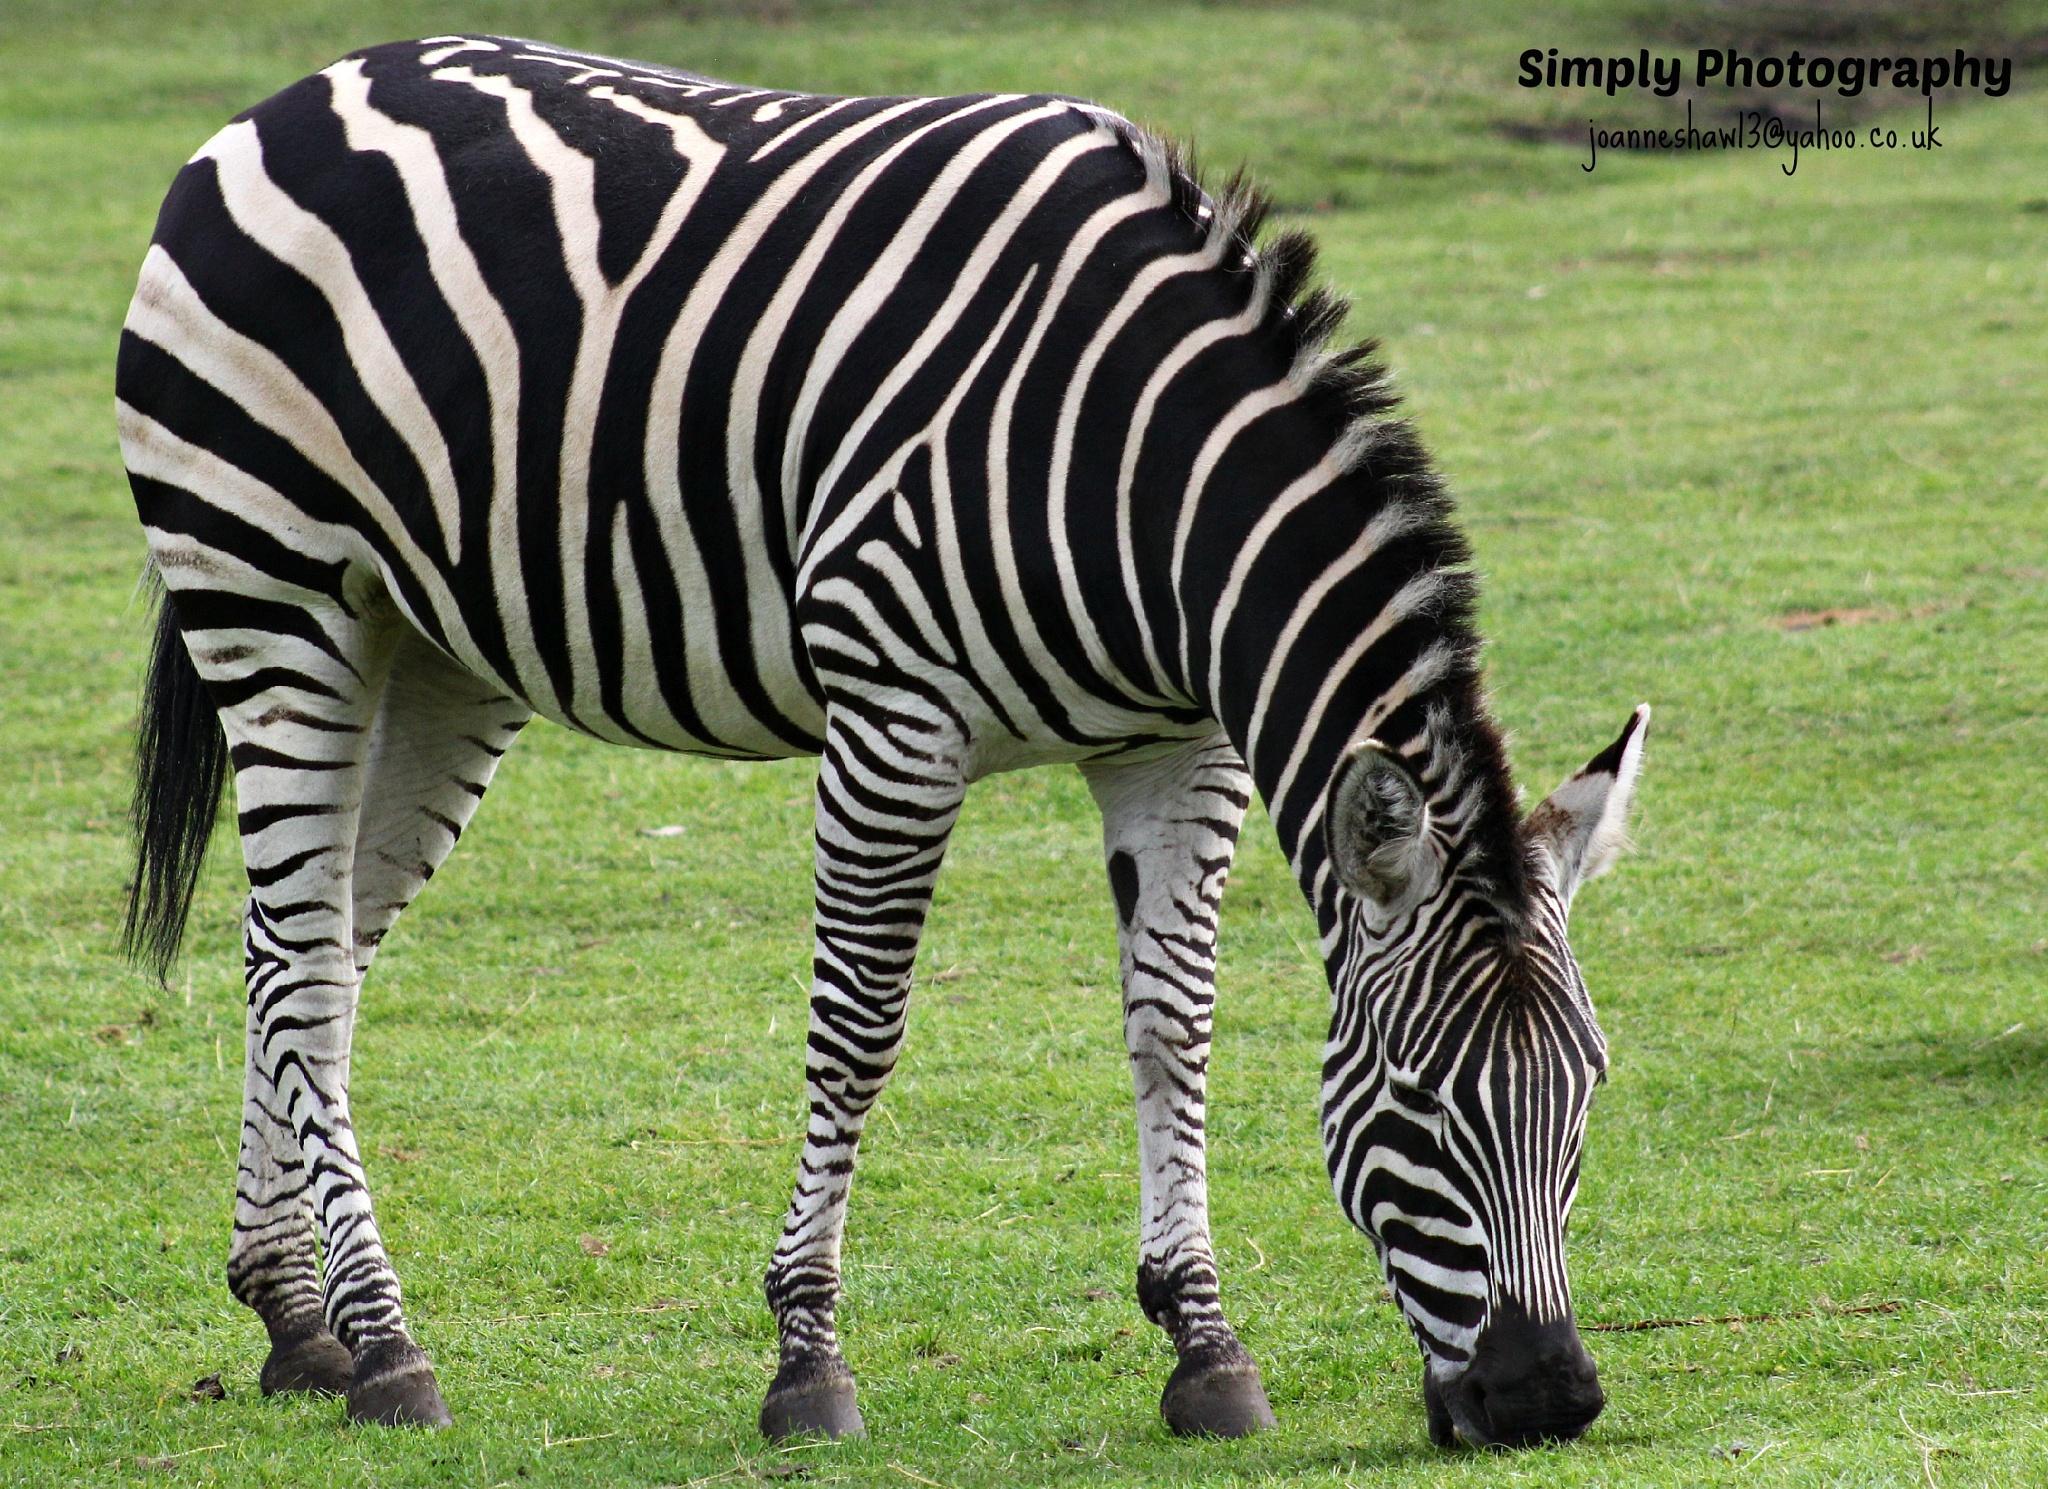 Zebra by Joanne Laws